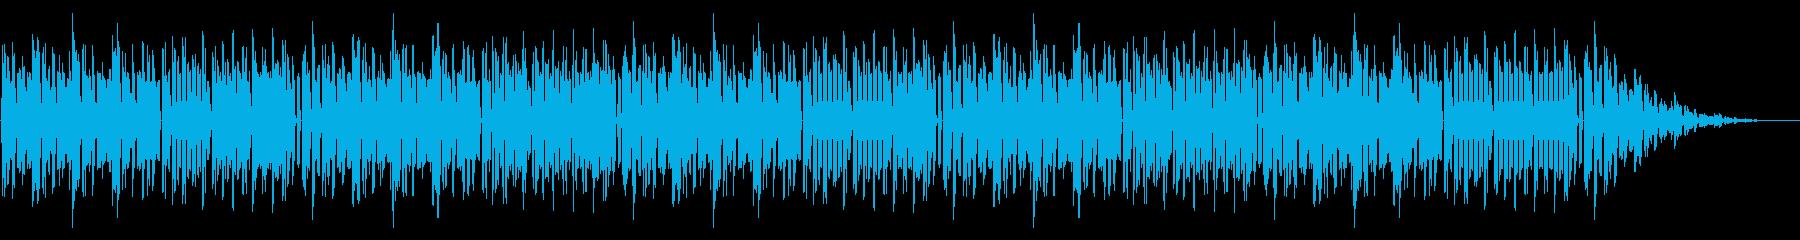 GB風レースゲームのゲームオーバーの再生済みの波形